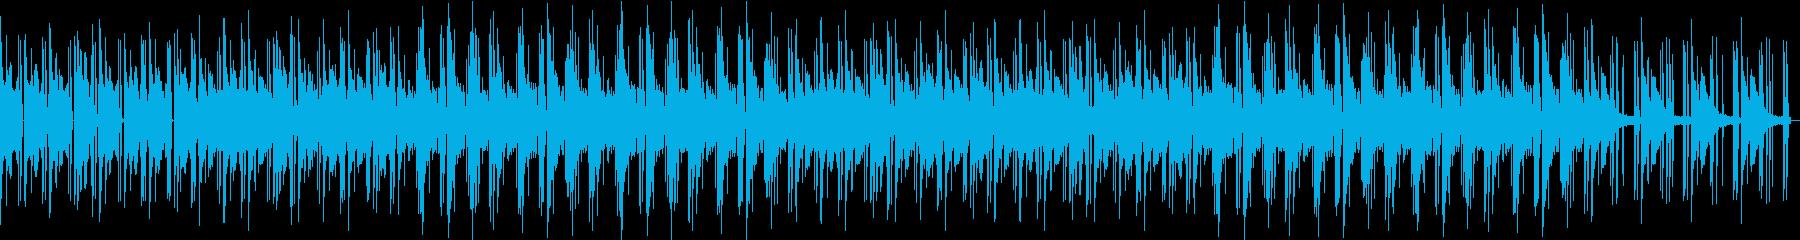 ノスタルジックなチルピアノローファイの再生済みの波形